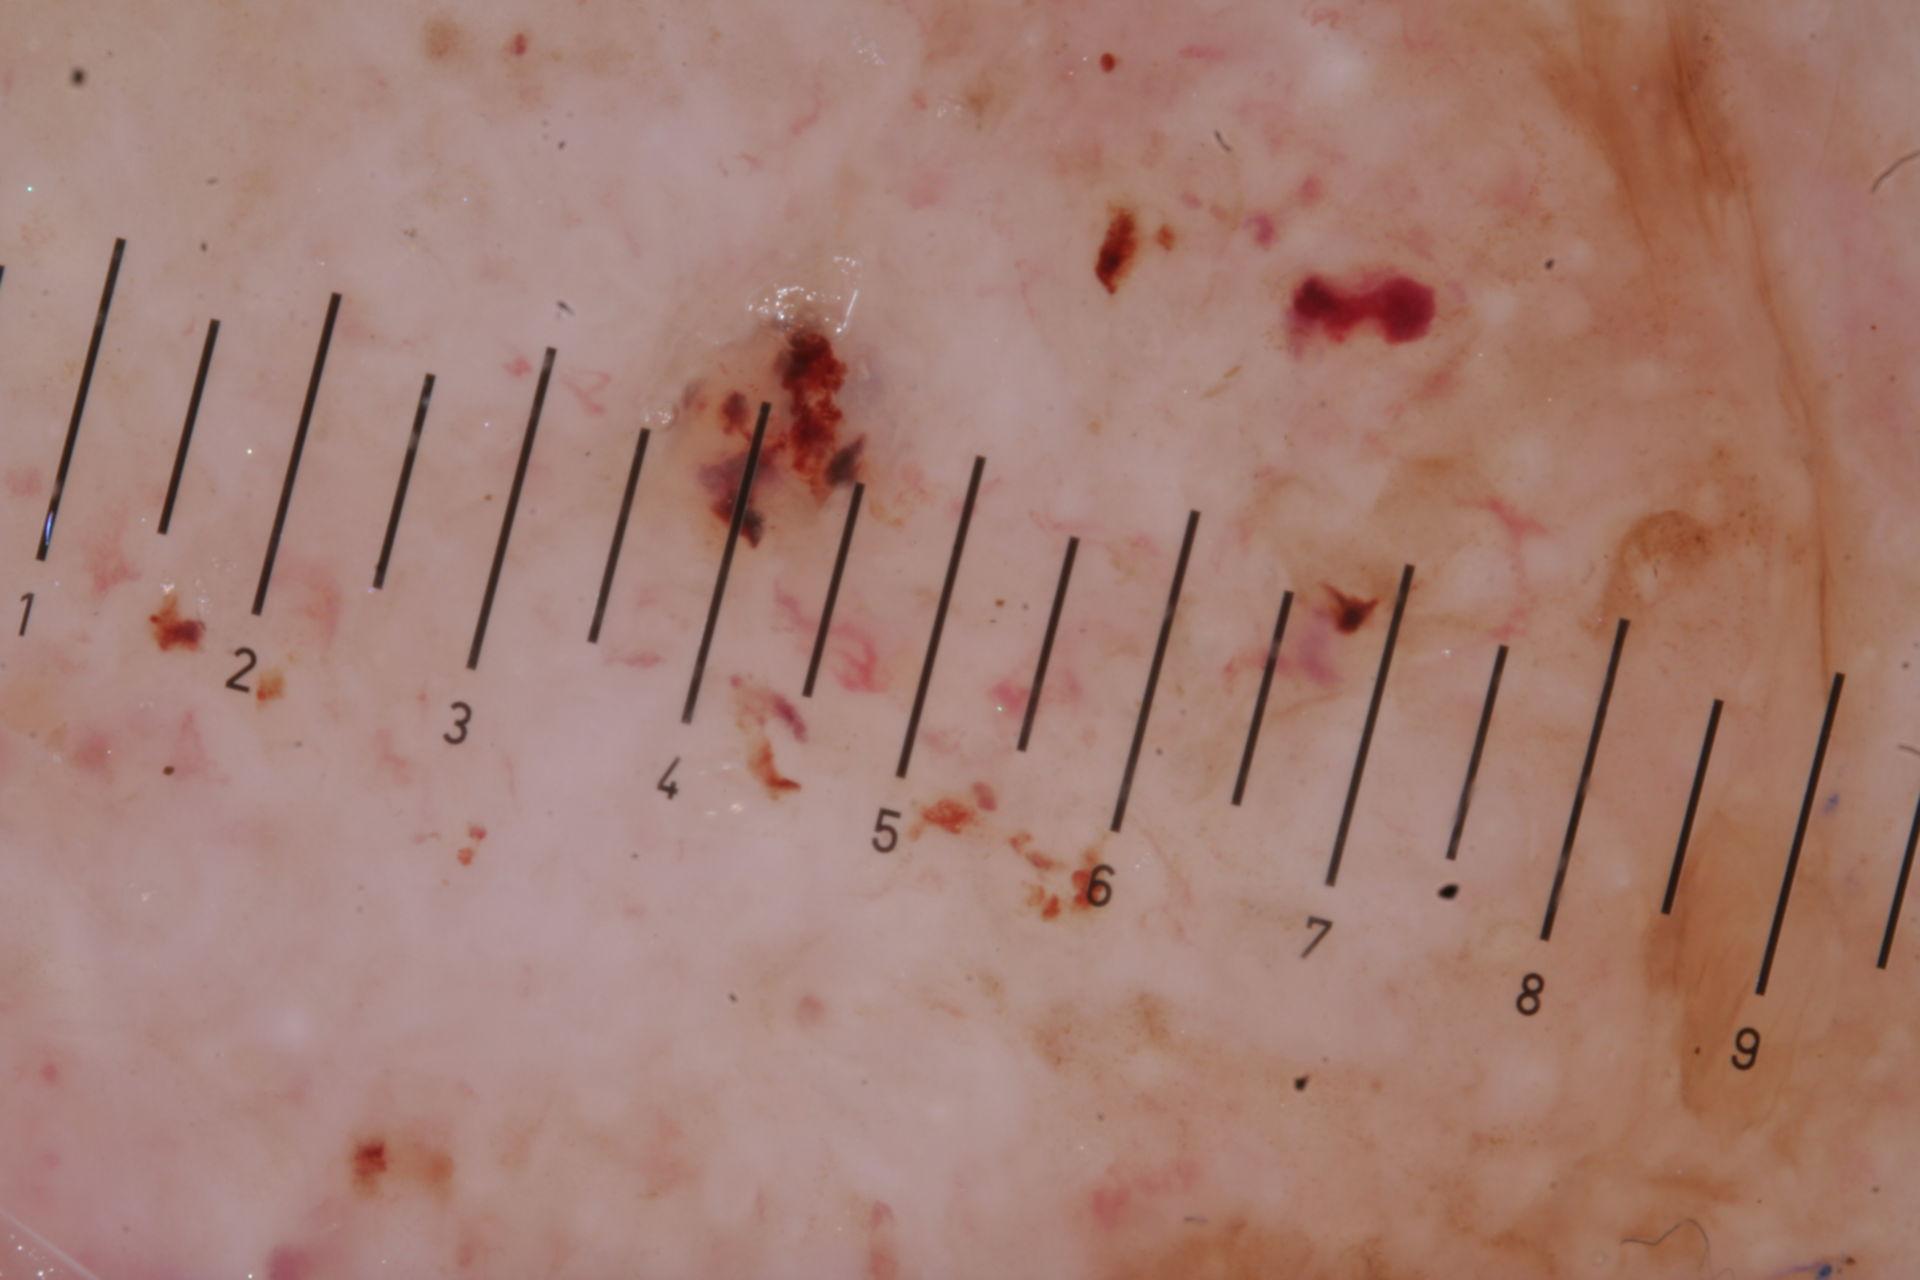 Basaliom dermatoskopisch